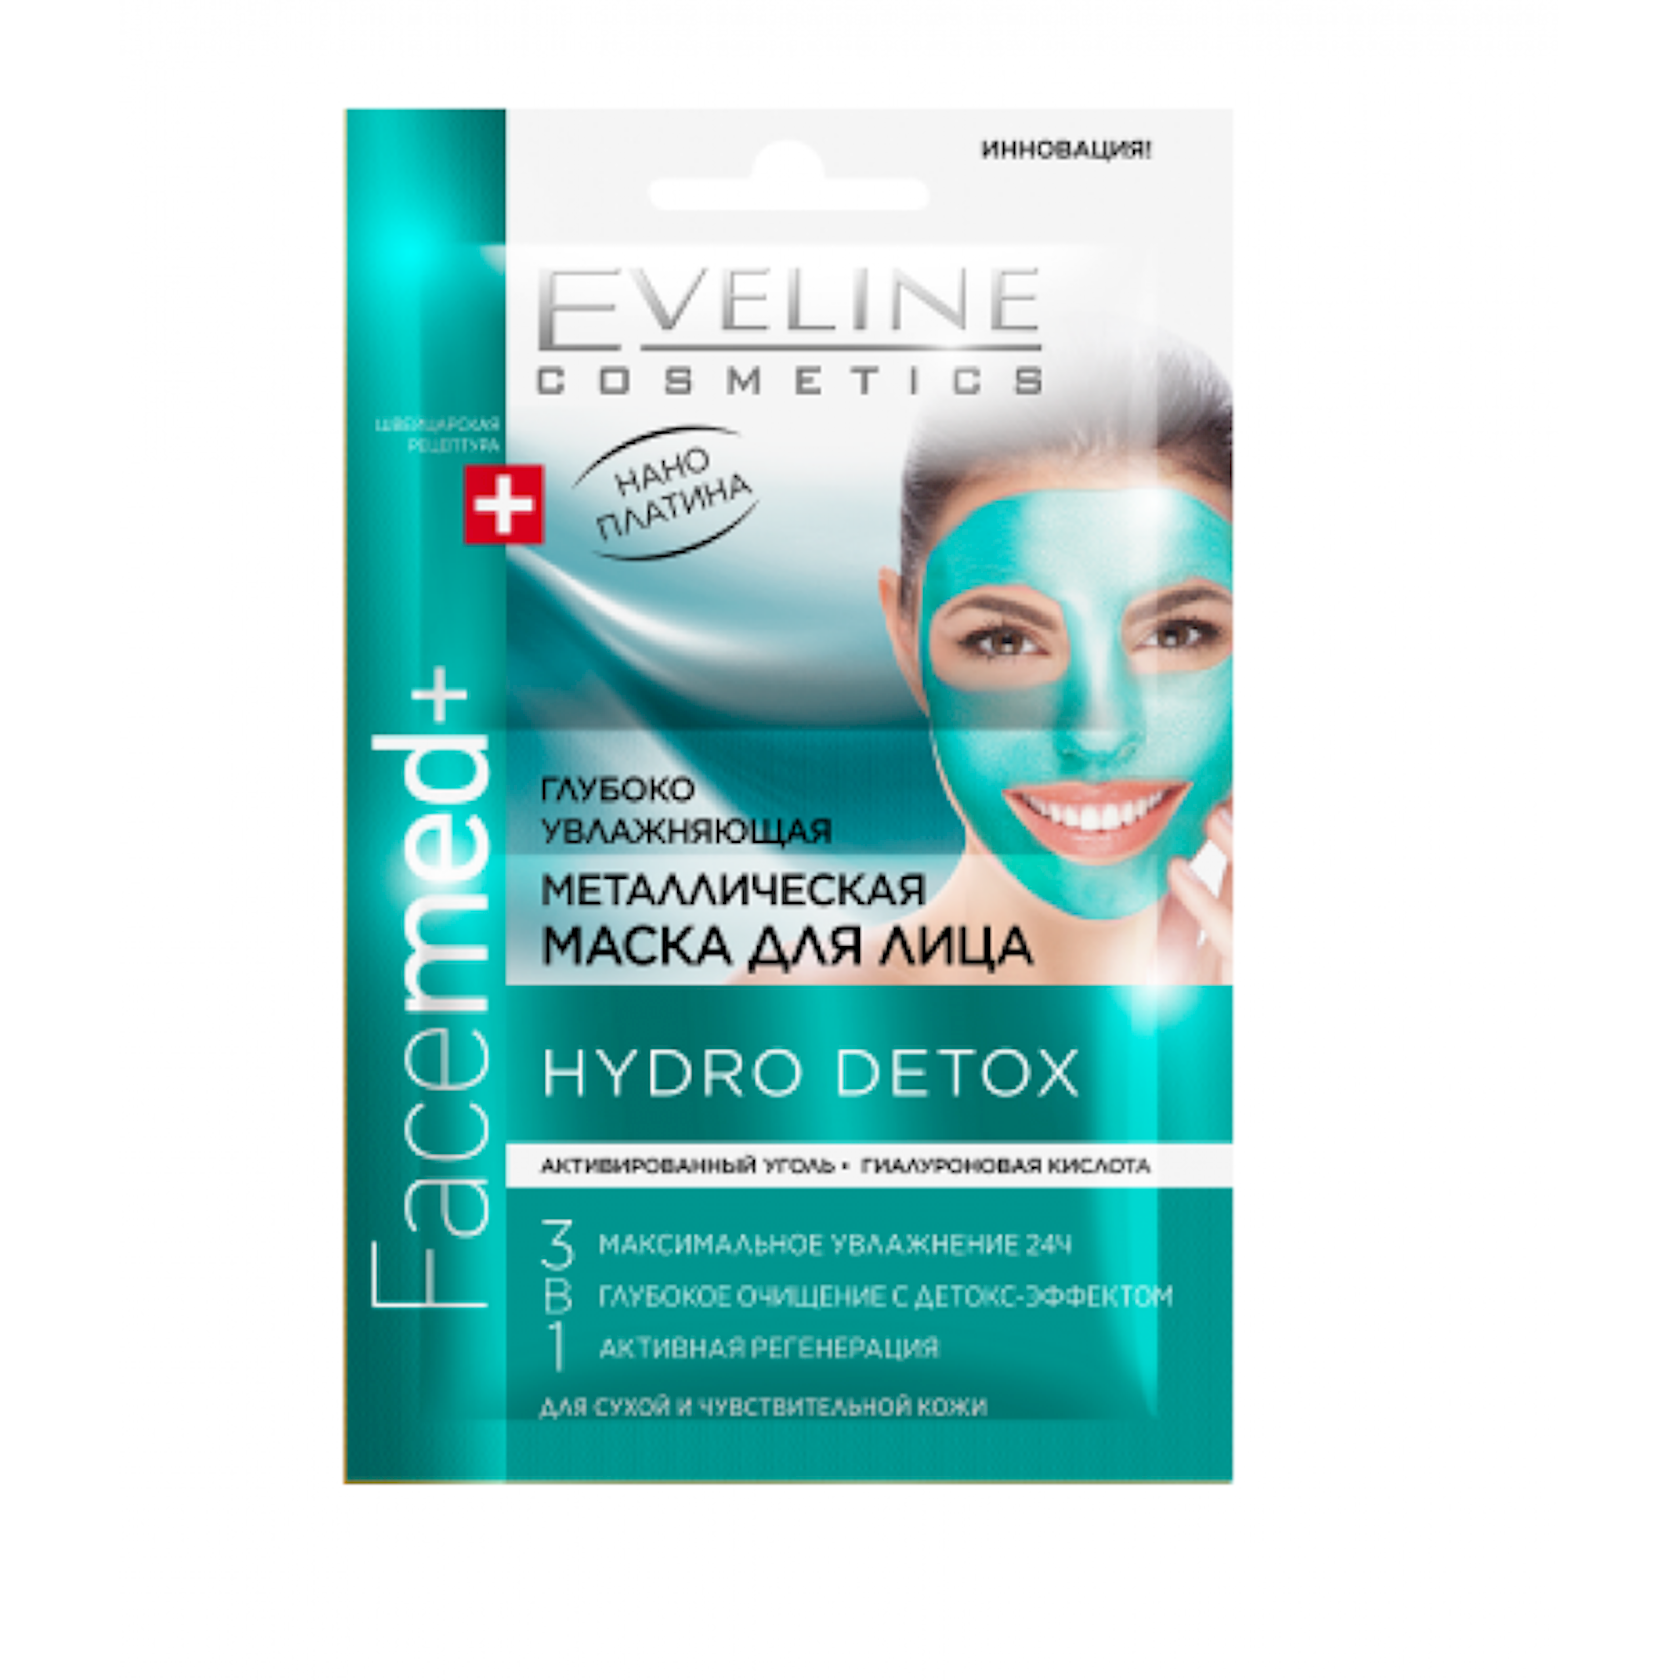 Metallı maska Eveline Cosmetics FaceMed + Hydro Detox Dərin nəmləndirici